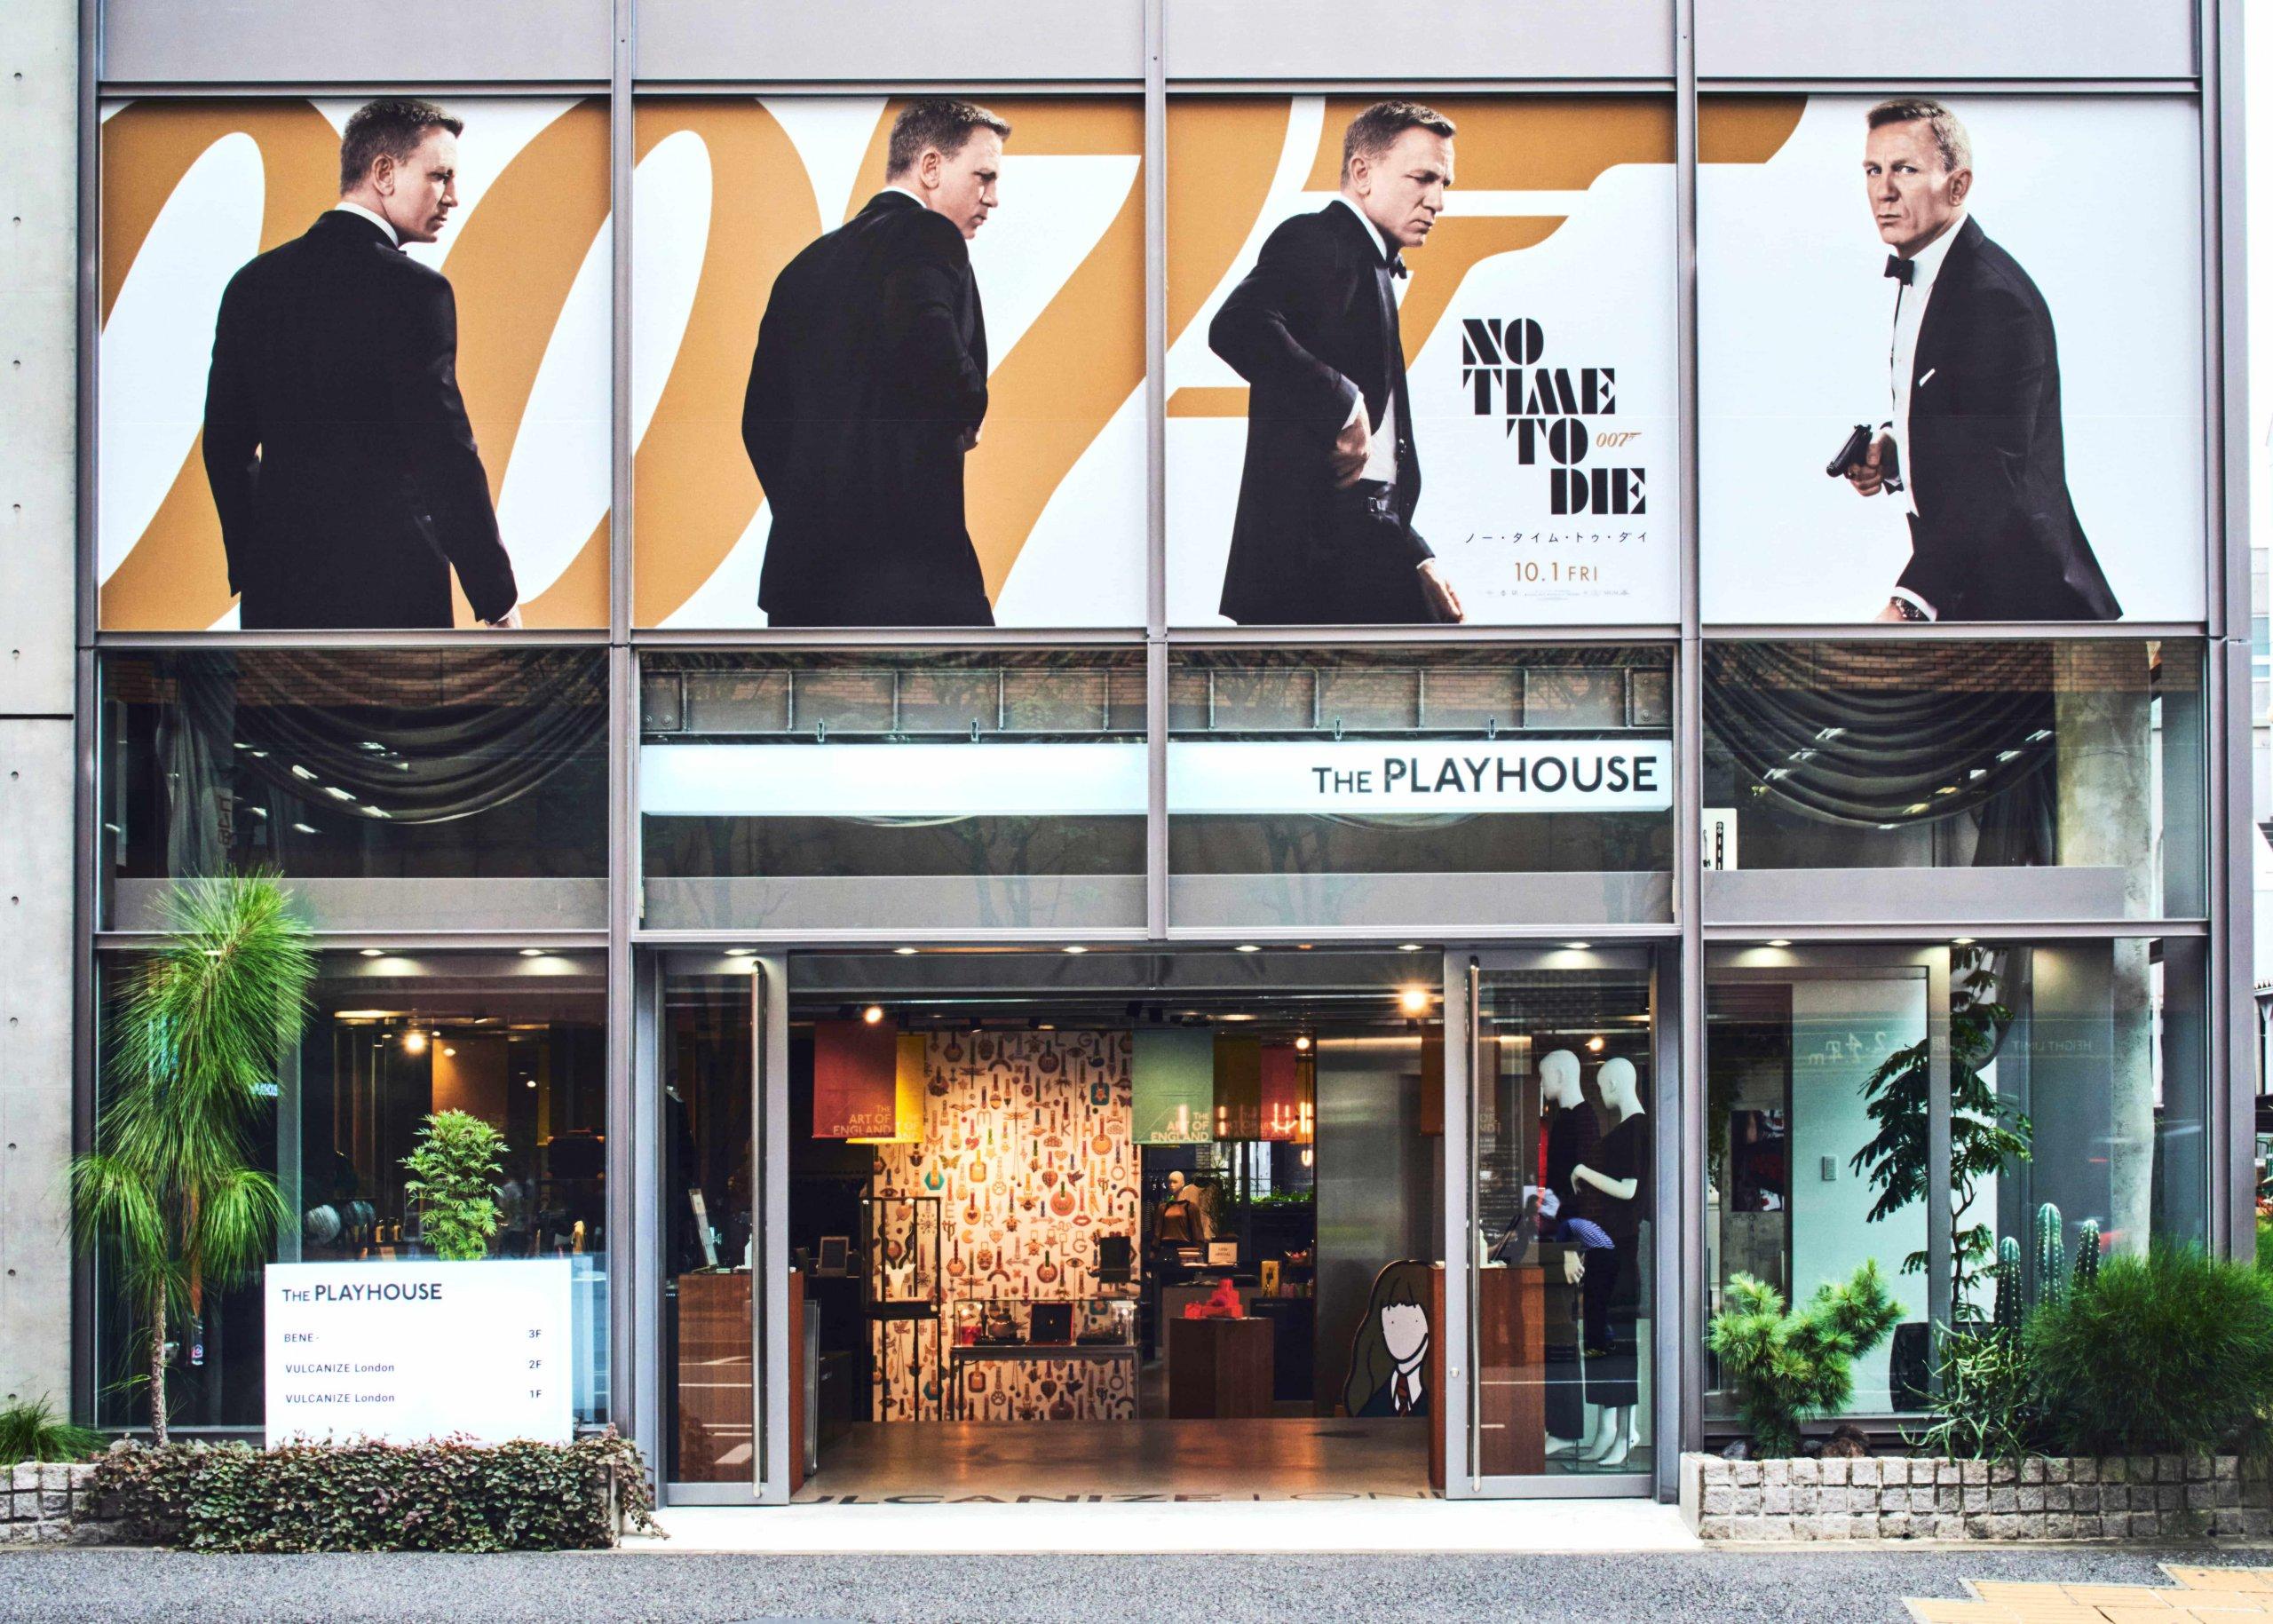 『007/ノー・タイム・トゥ・ダイ』のスペシャルラッピングが施された「ヴァルカナイズ・ロンドン @ ザ・プレイハウス」